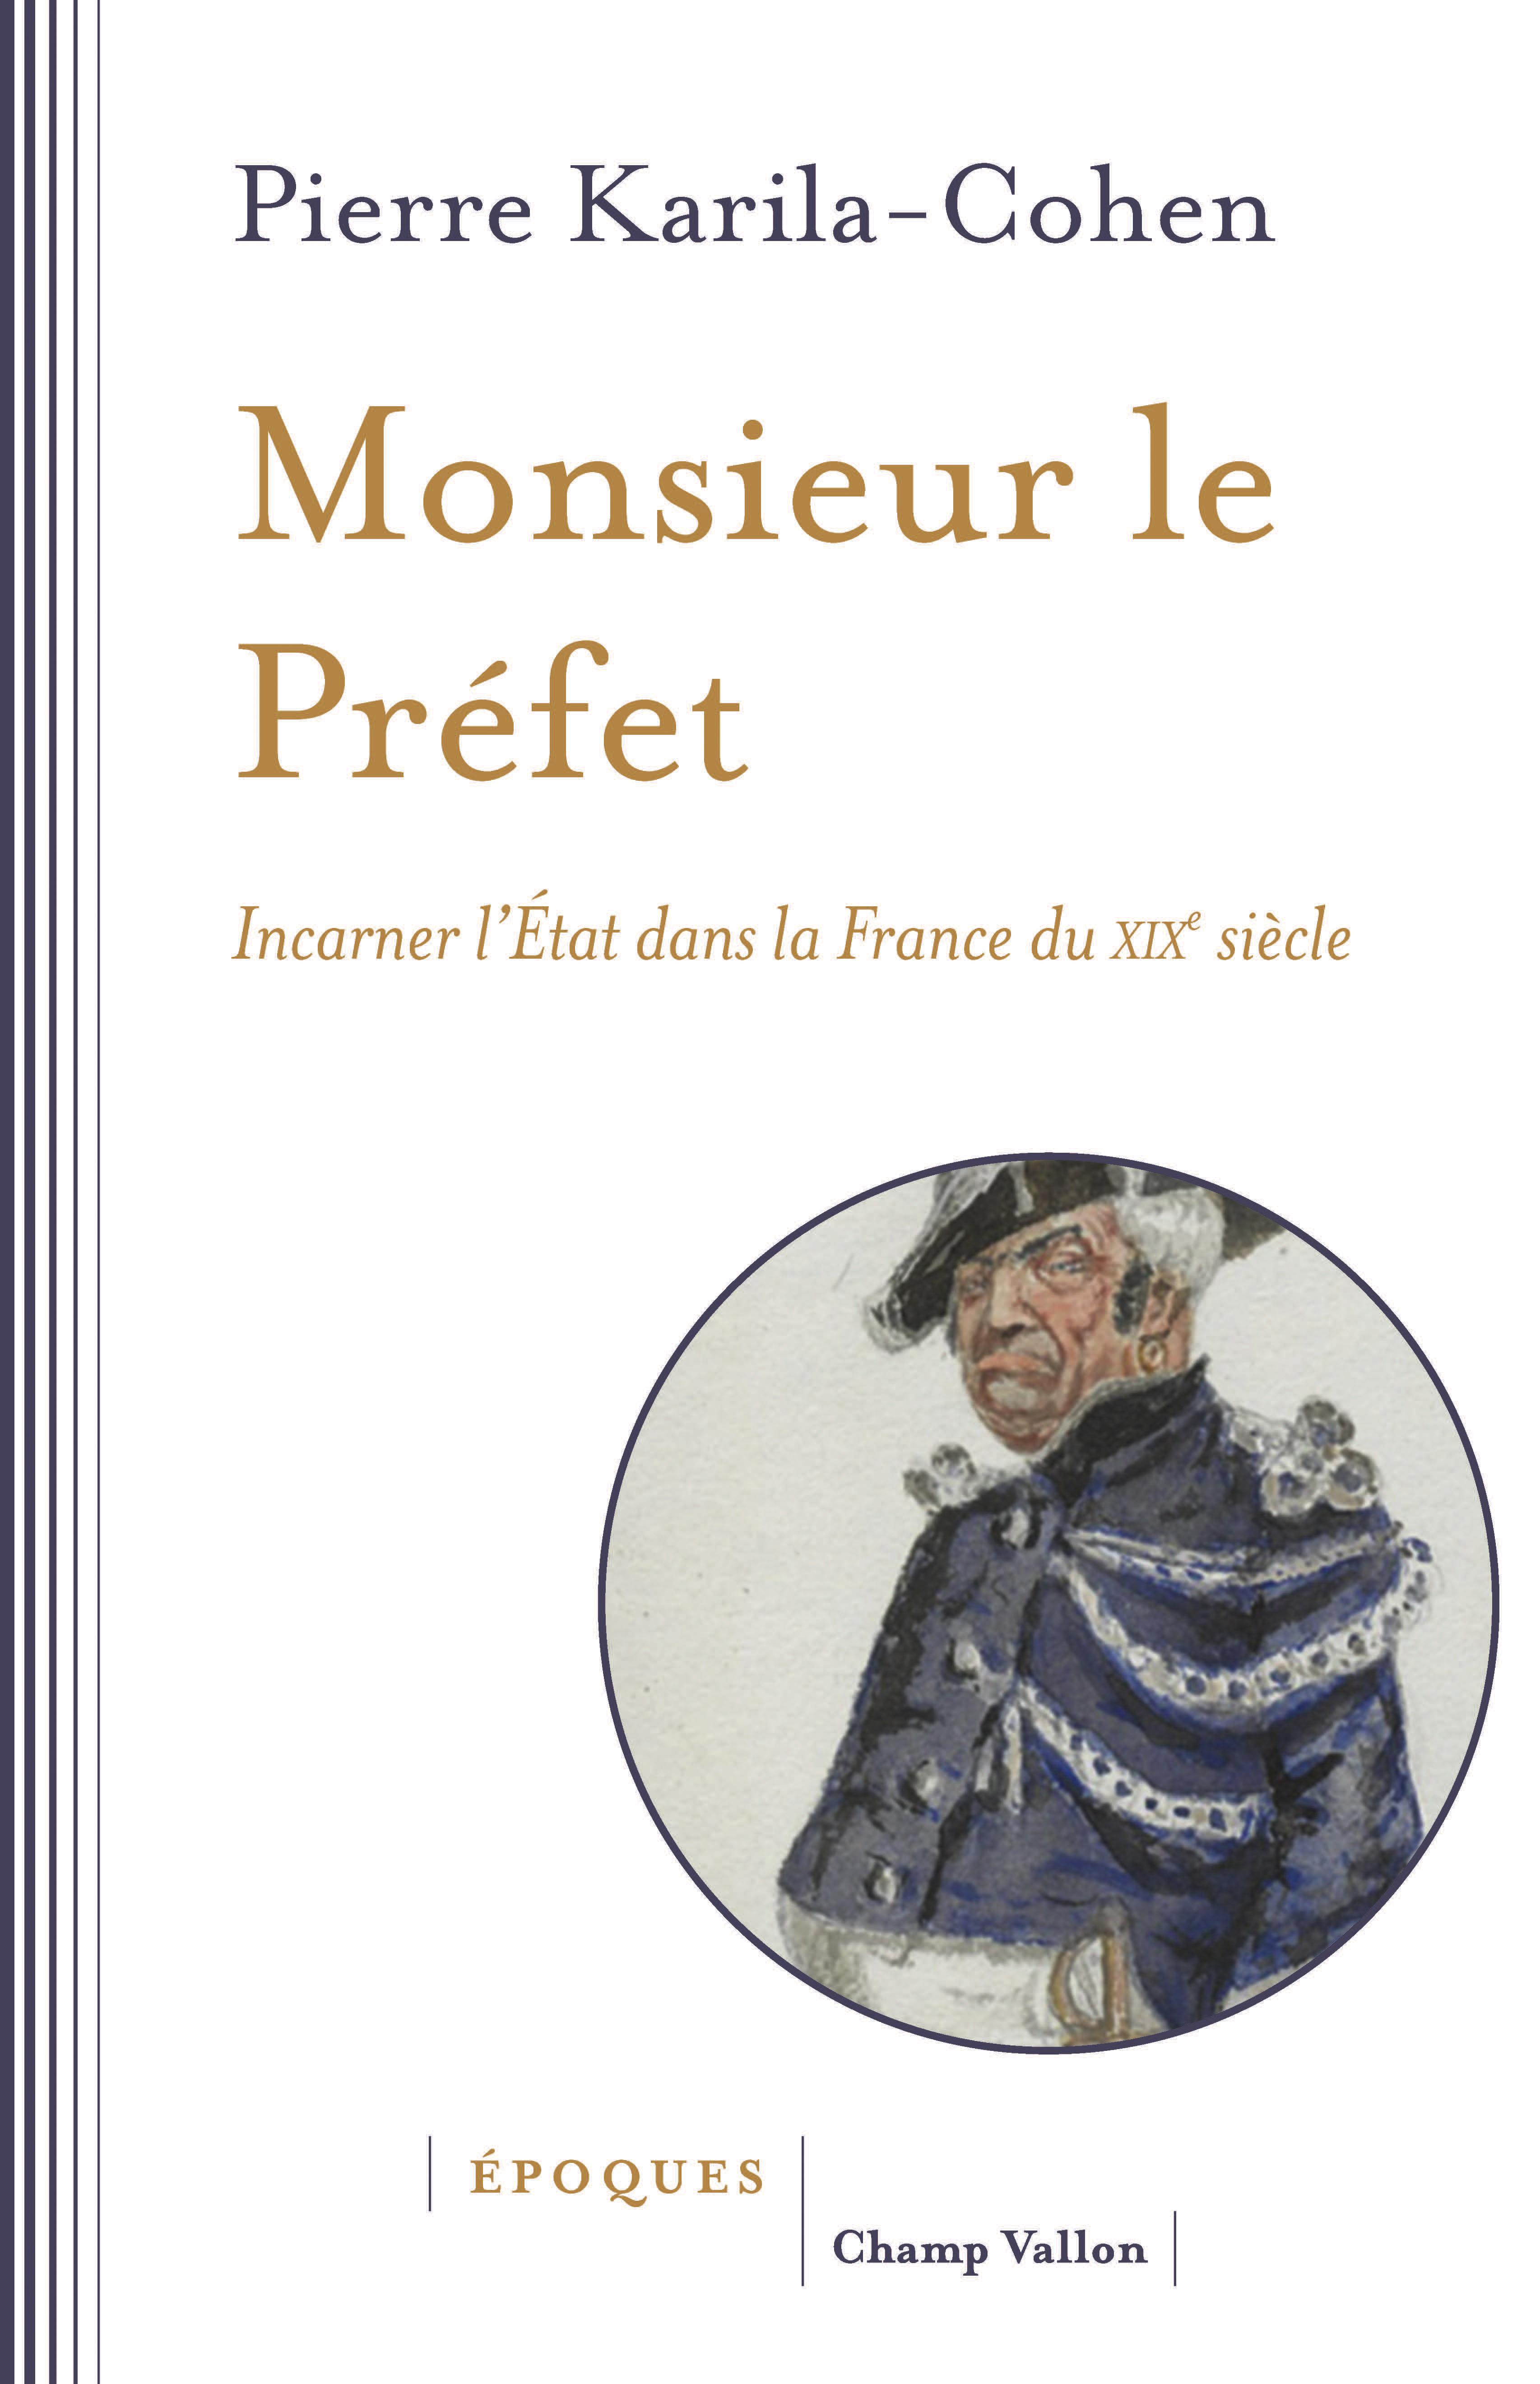 P. Karila-Cohen, Monsieur le Préfet. Incarner l'État dans la France du XIXe siècle